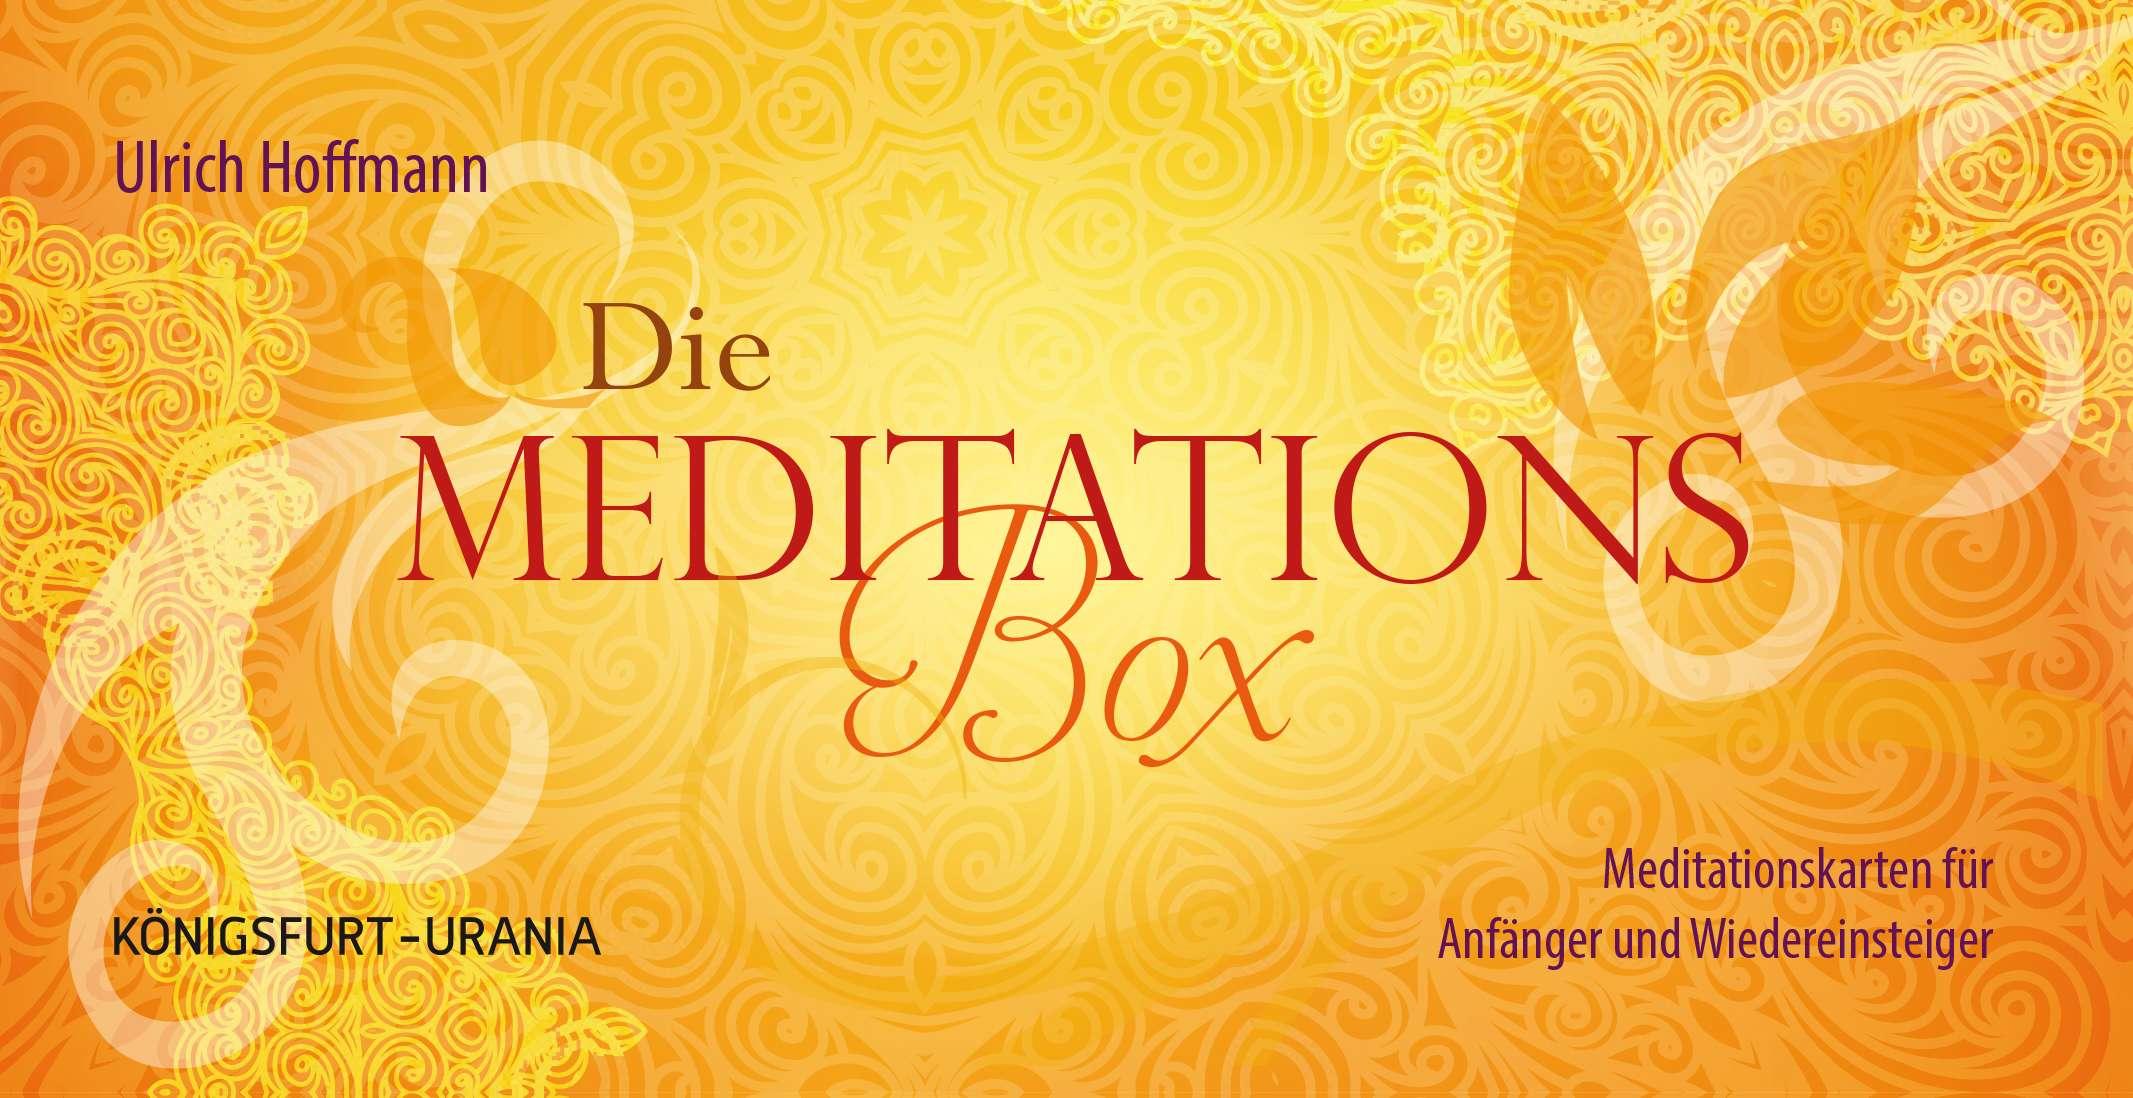 """""""Mediationsbox"""" von Ulrich Hoffmann © Königsfurt-Urania Yogannetteblog.de"""